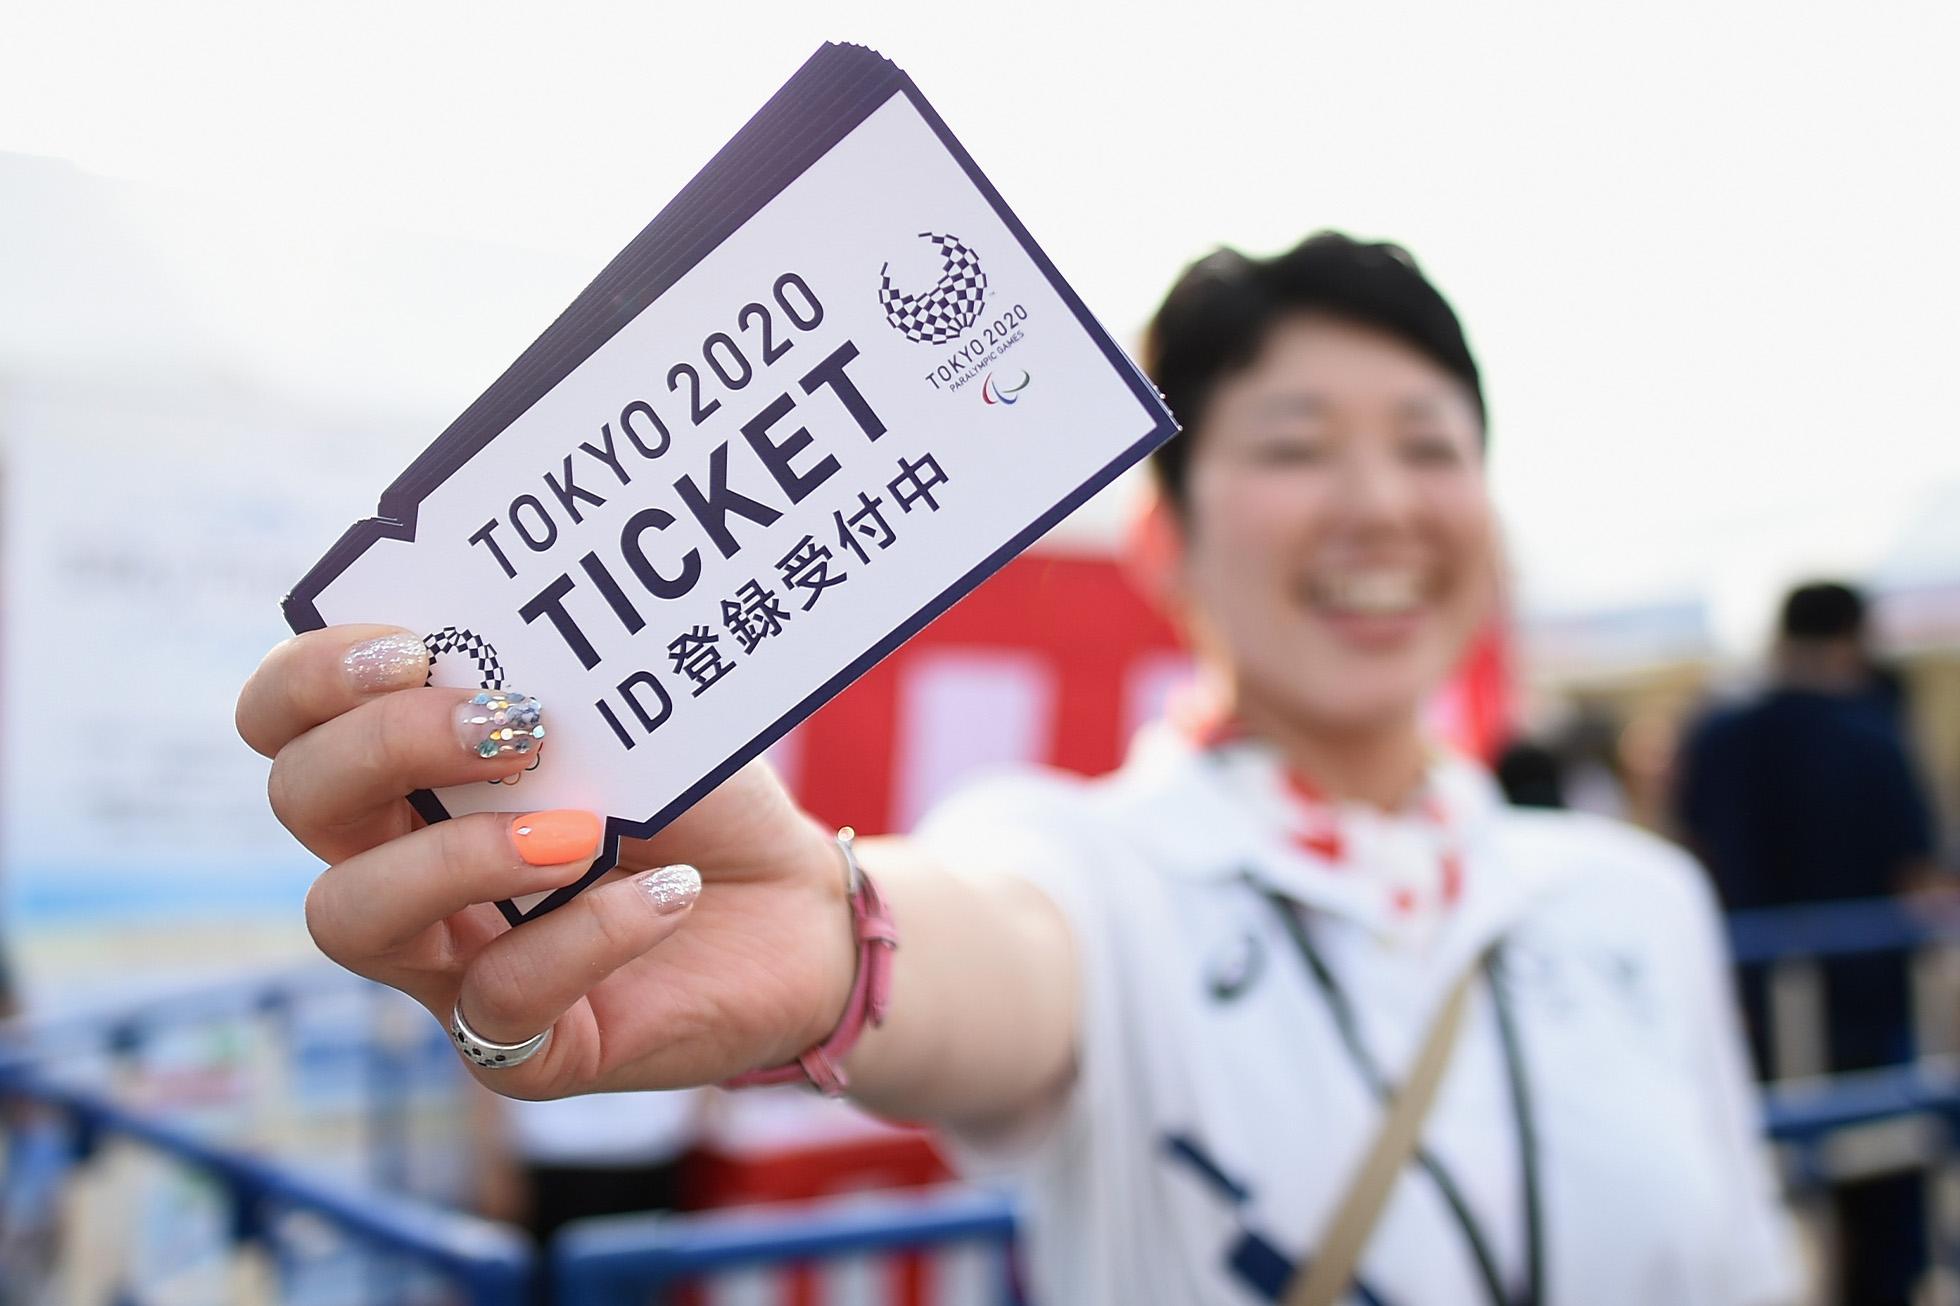 払い戻し 東京 オリンピック チケット 東京オリンピック、チケット払い戻しの受付開始。申請方法まとめ